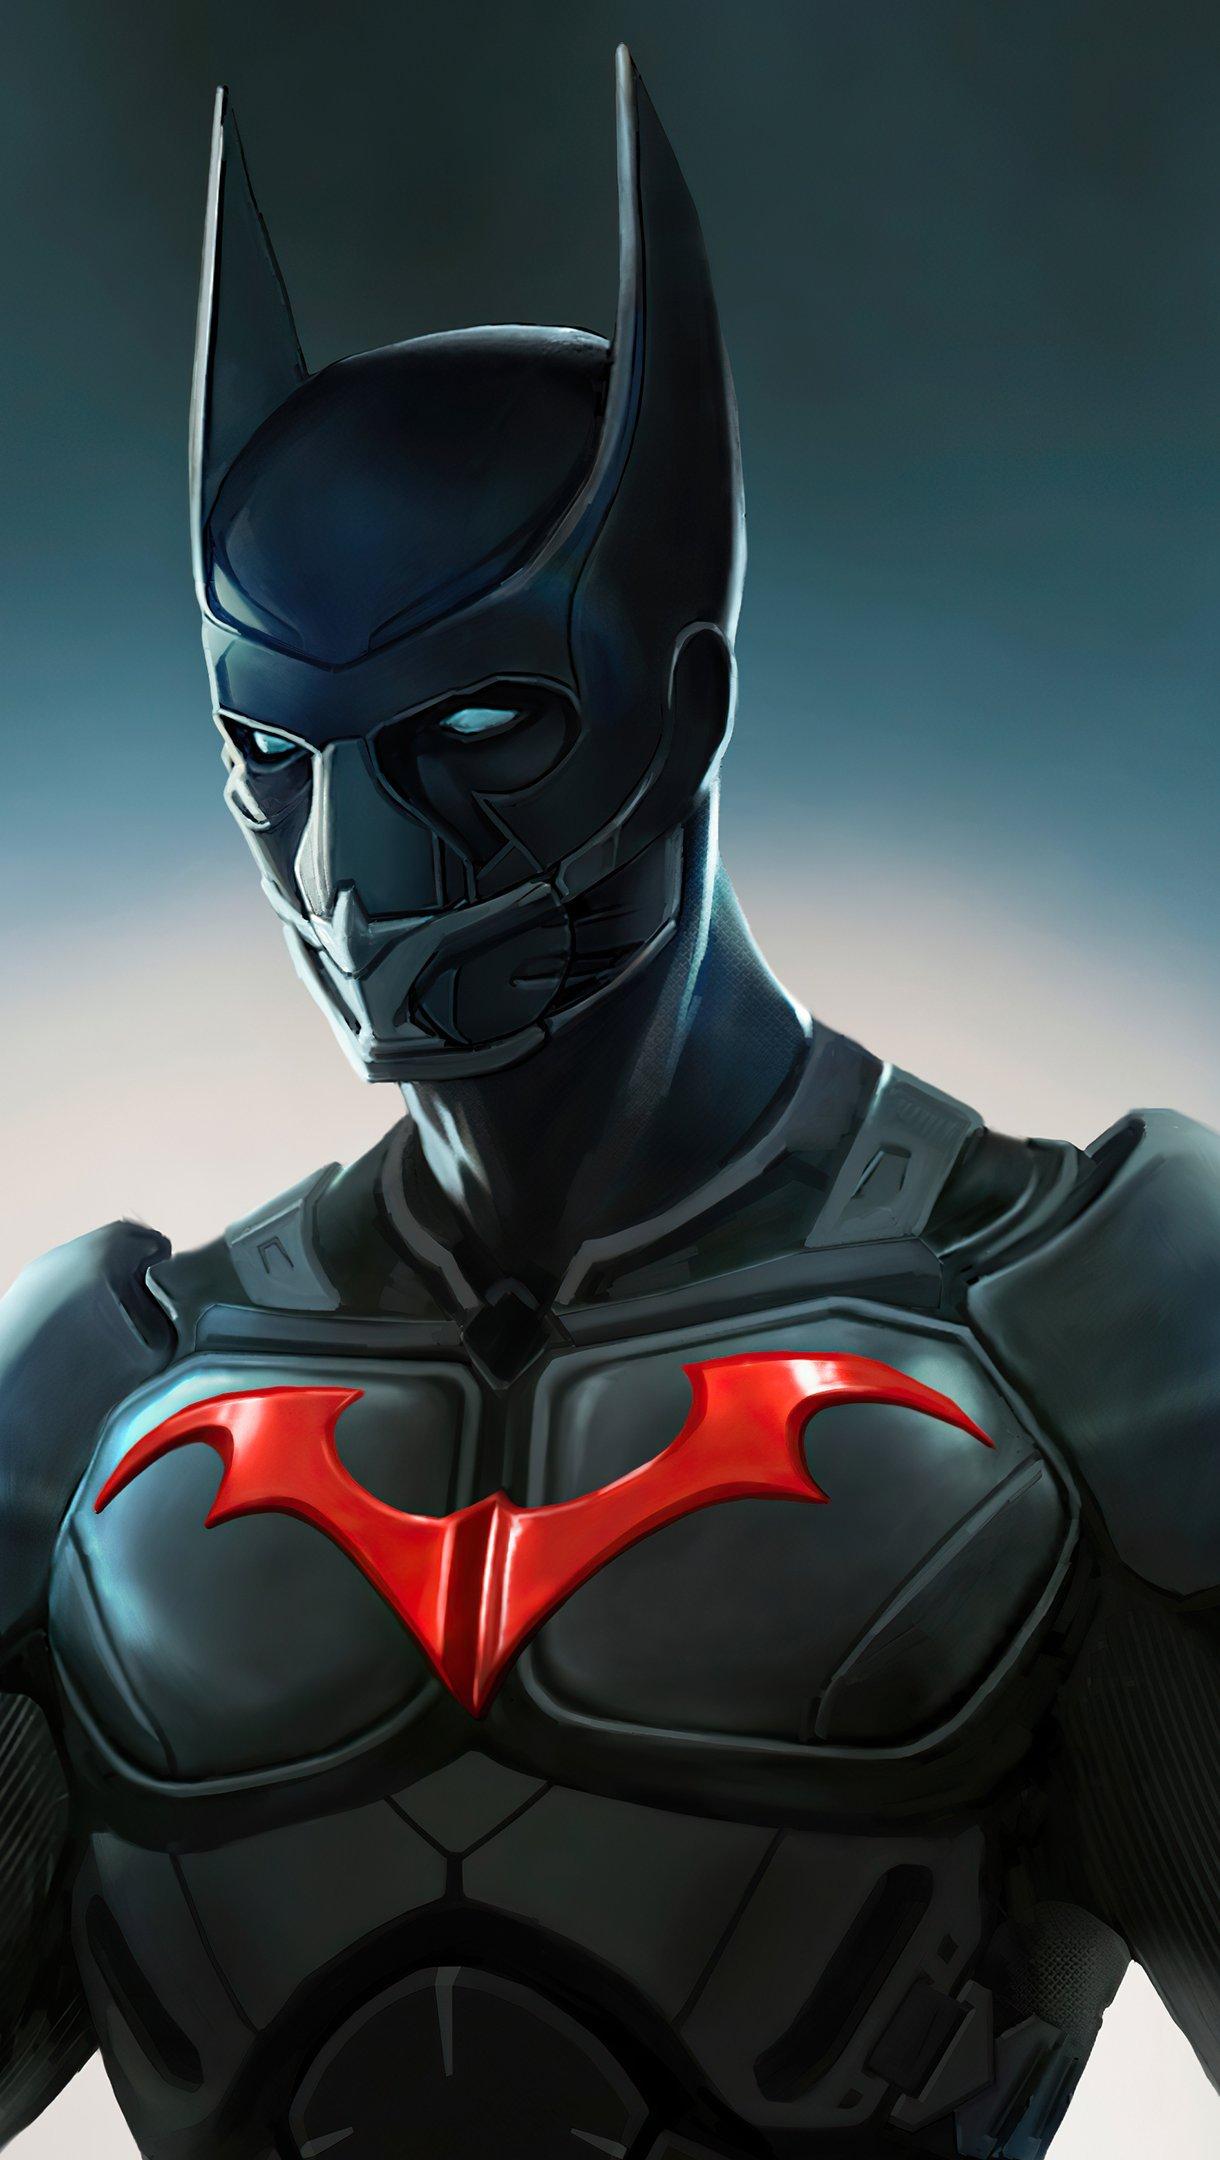 Wallpaper Batman Beyond Action Suit Vertical